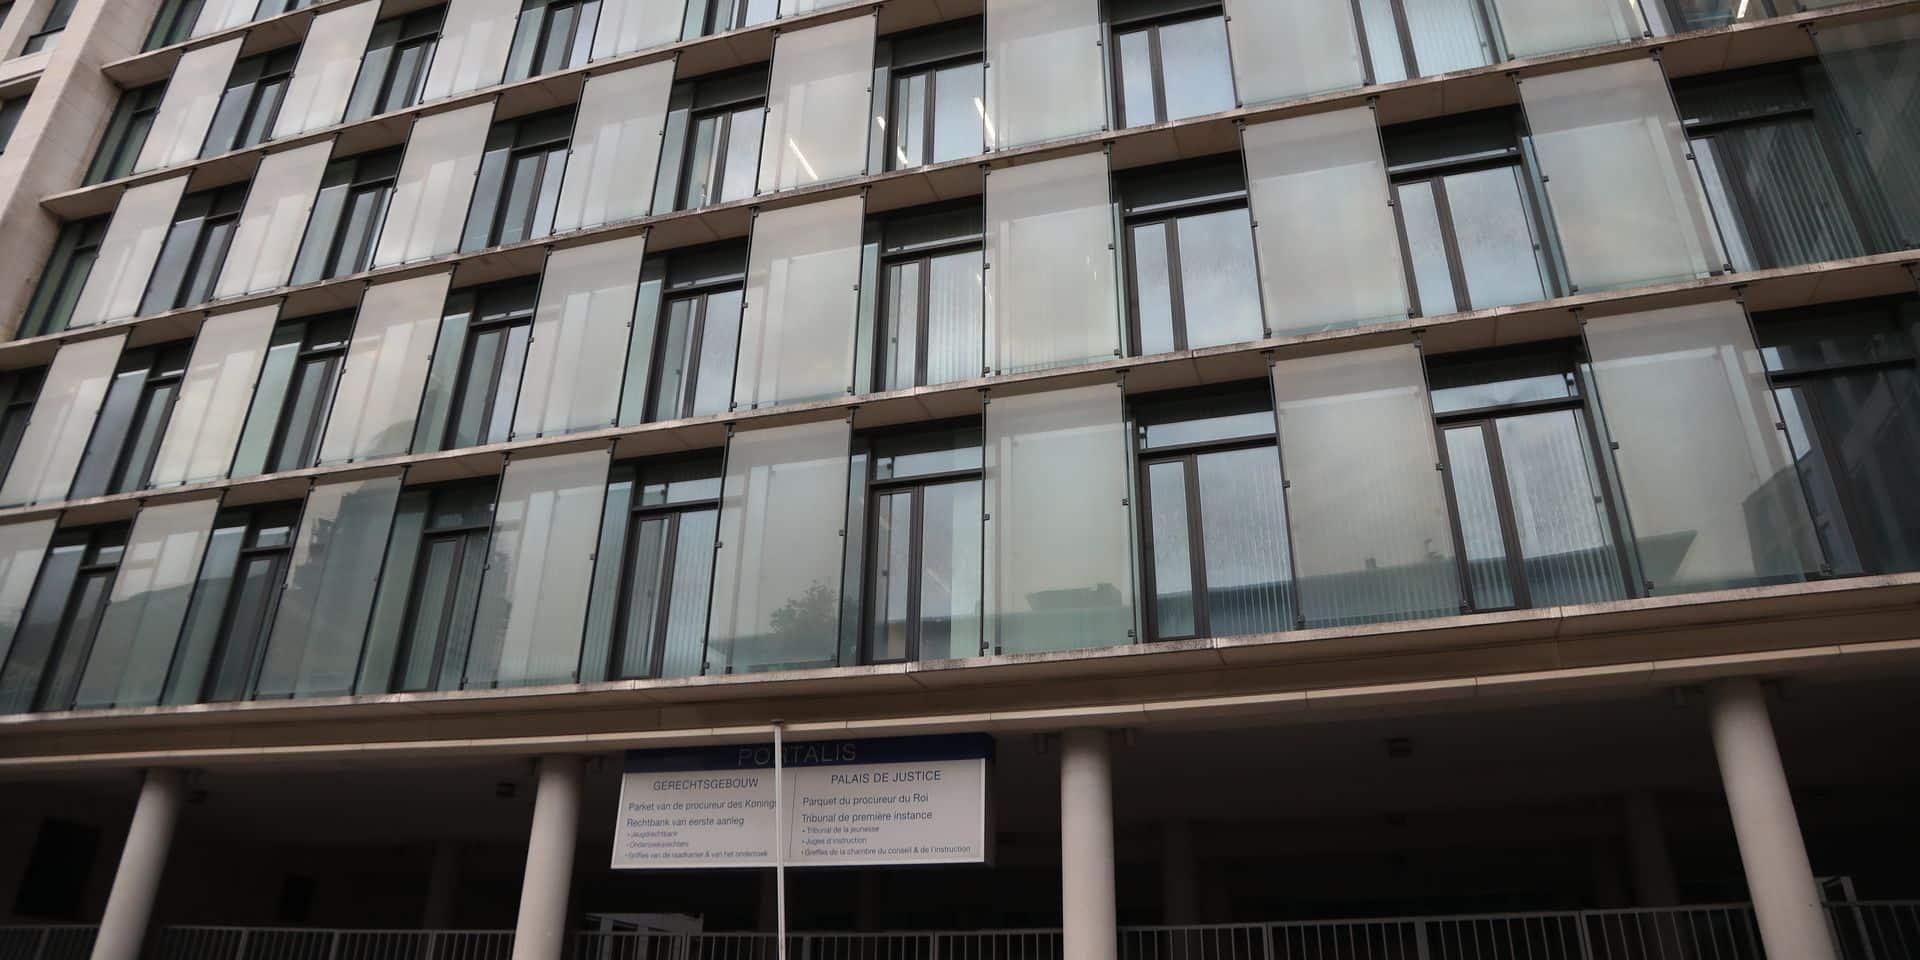 La personne qui a volé les autopsies des victimes des attentats de Bruxelles était un ancien combattant de Syrie